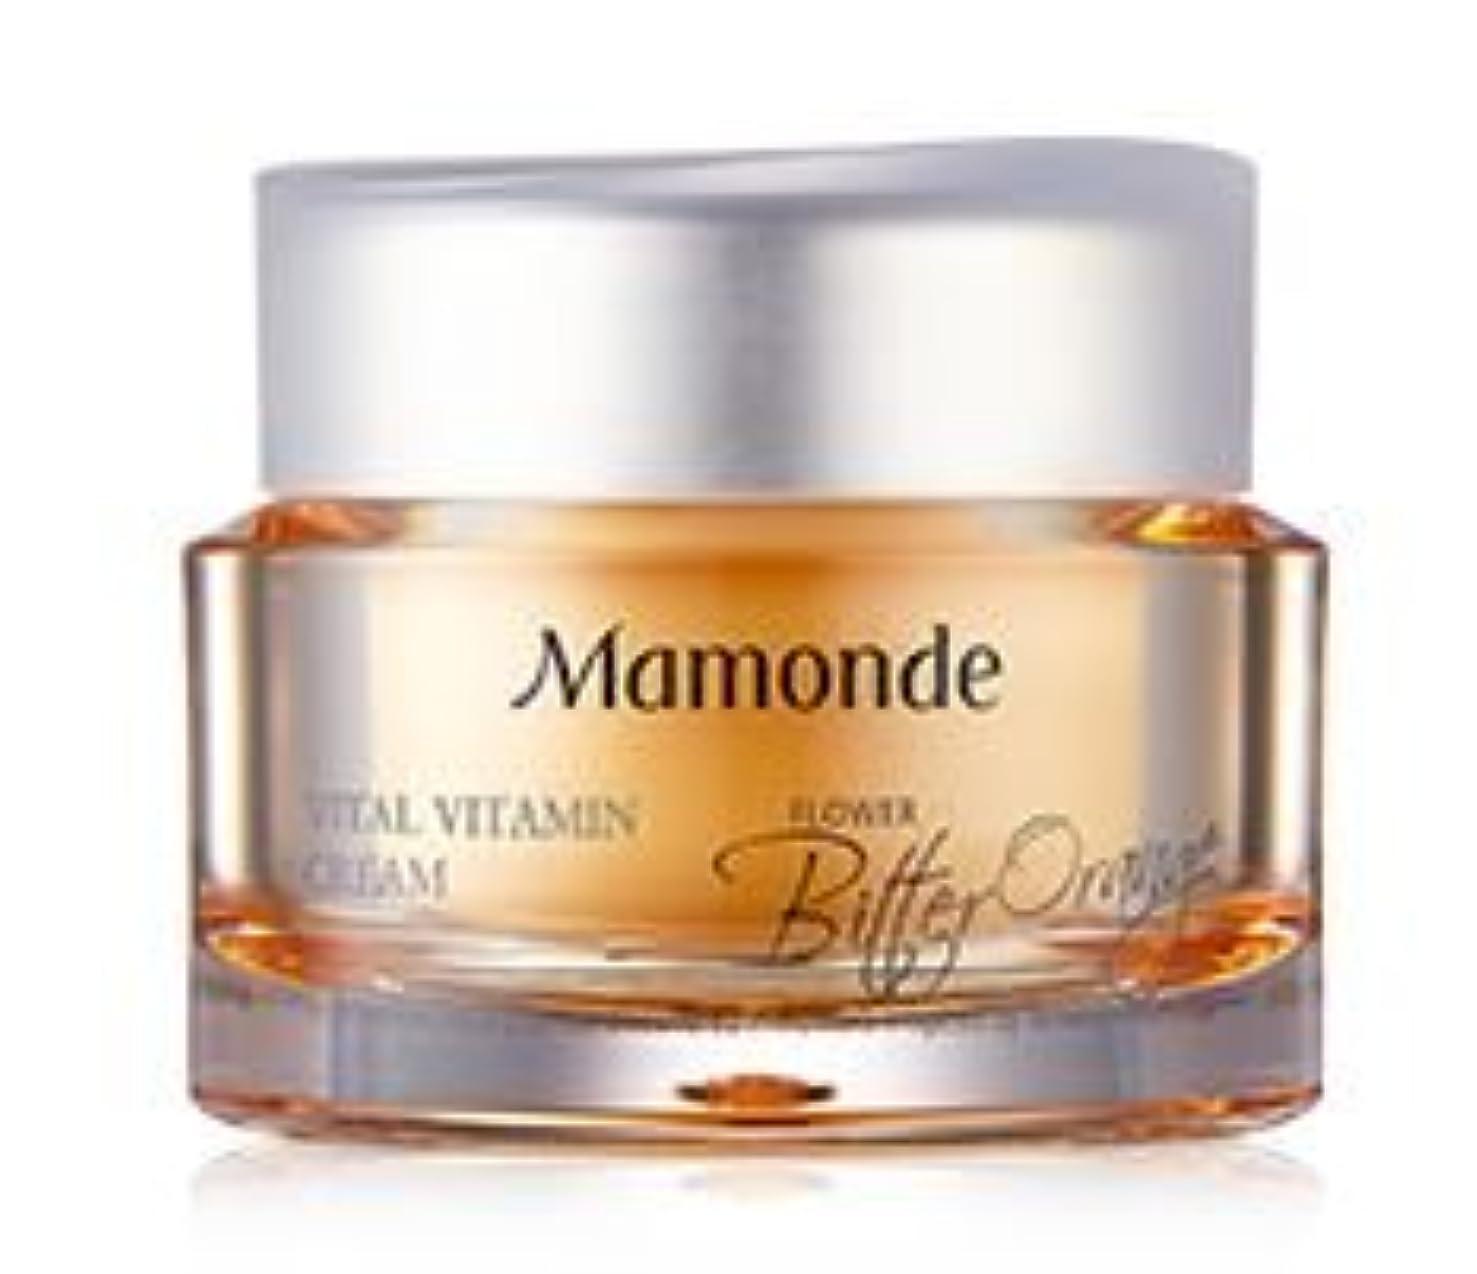 先例拡張なので[Mamonde] Vital Vitamin Cream 50ml /[マモンド]バイタルビタミンクリーム50ml [並行輸入品]